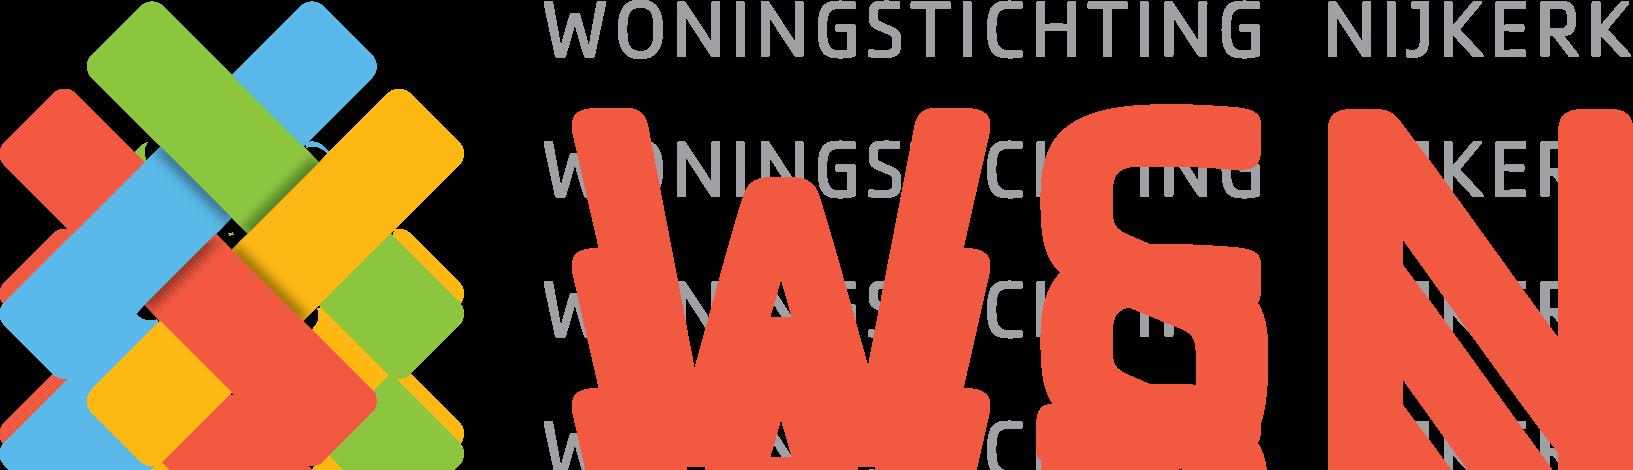 Logo ontwerp woningstichting